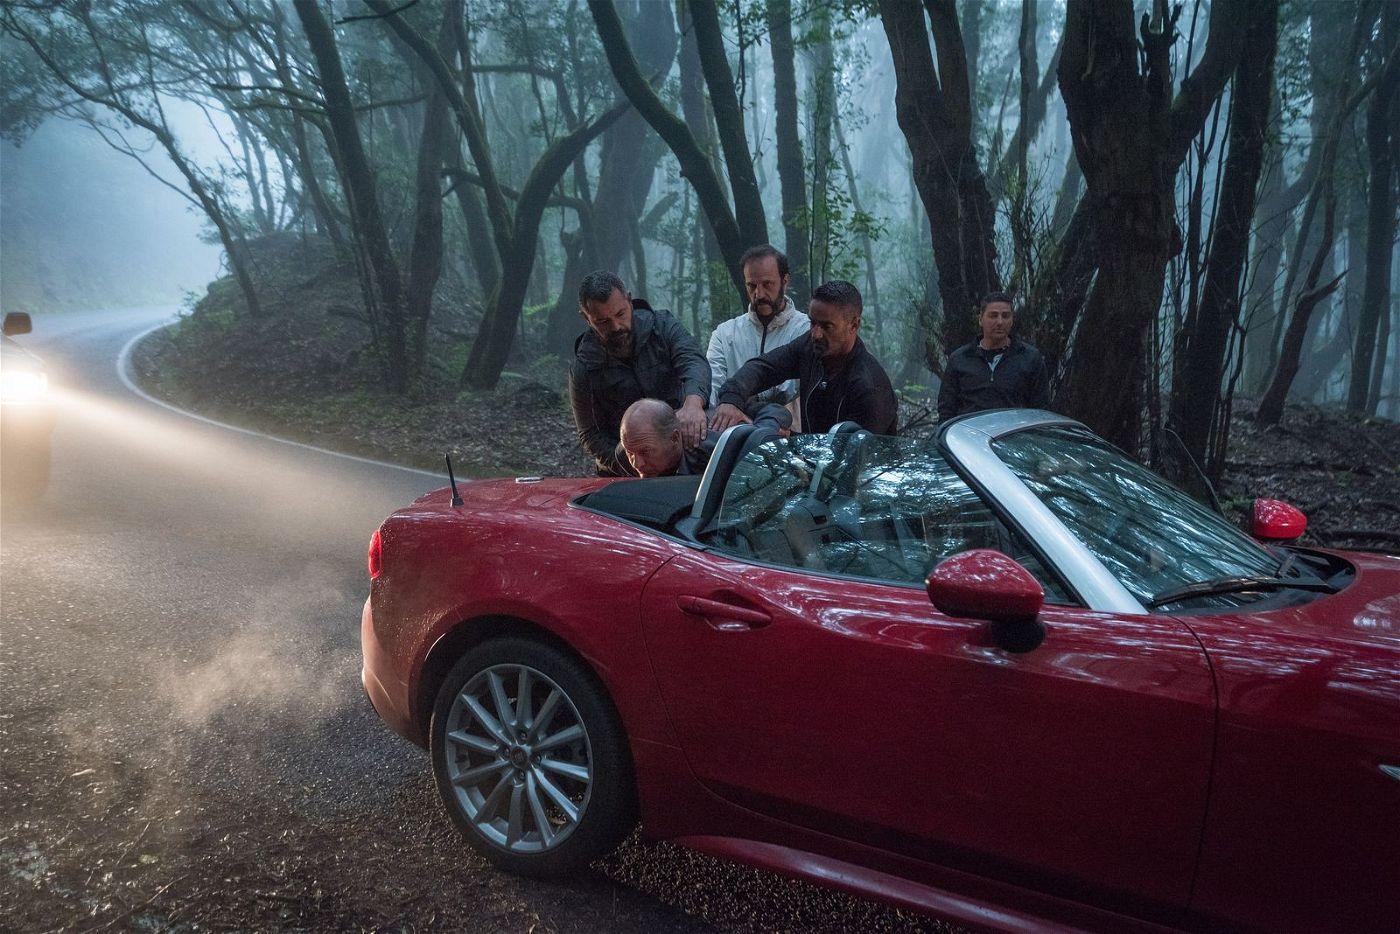 Das Auto des Mafiabosses zu klauen, war keine gute Idee, wie Cristi (Vlad Ivanov) feststellen muss.